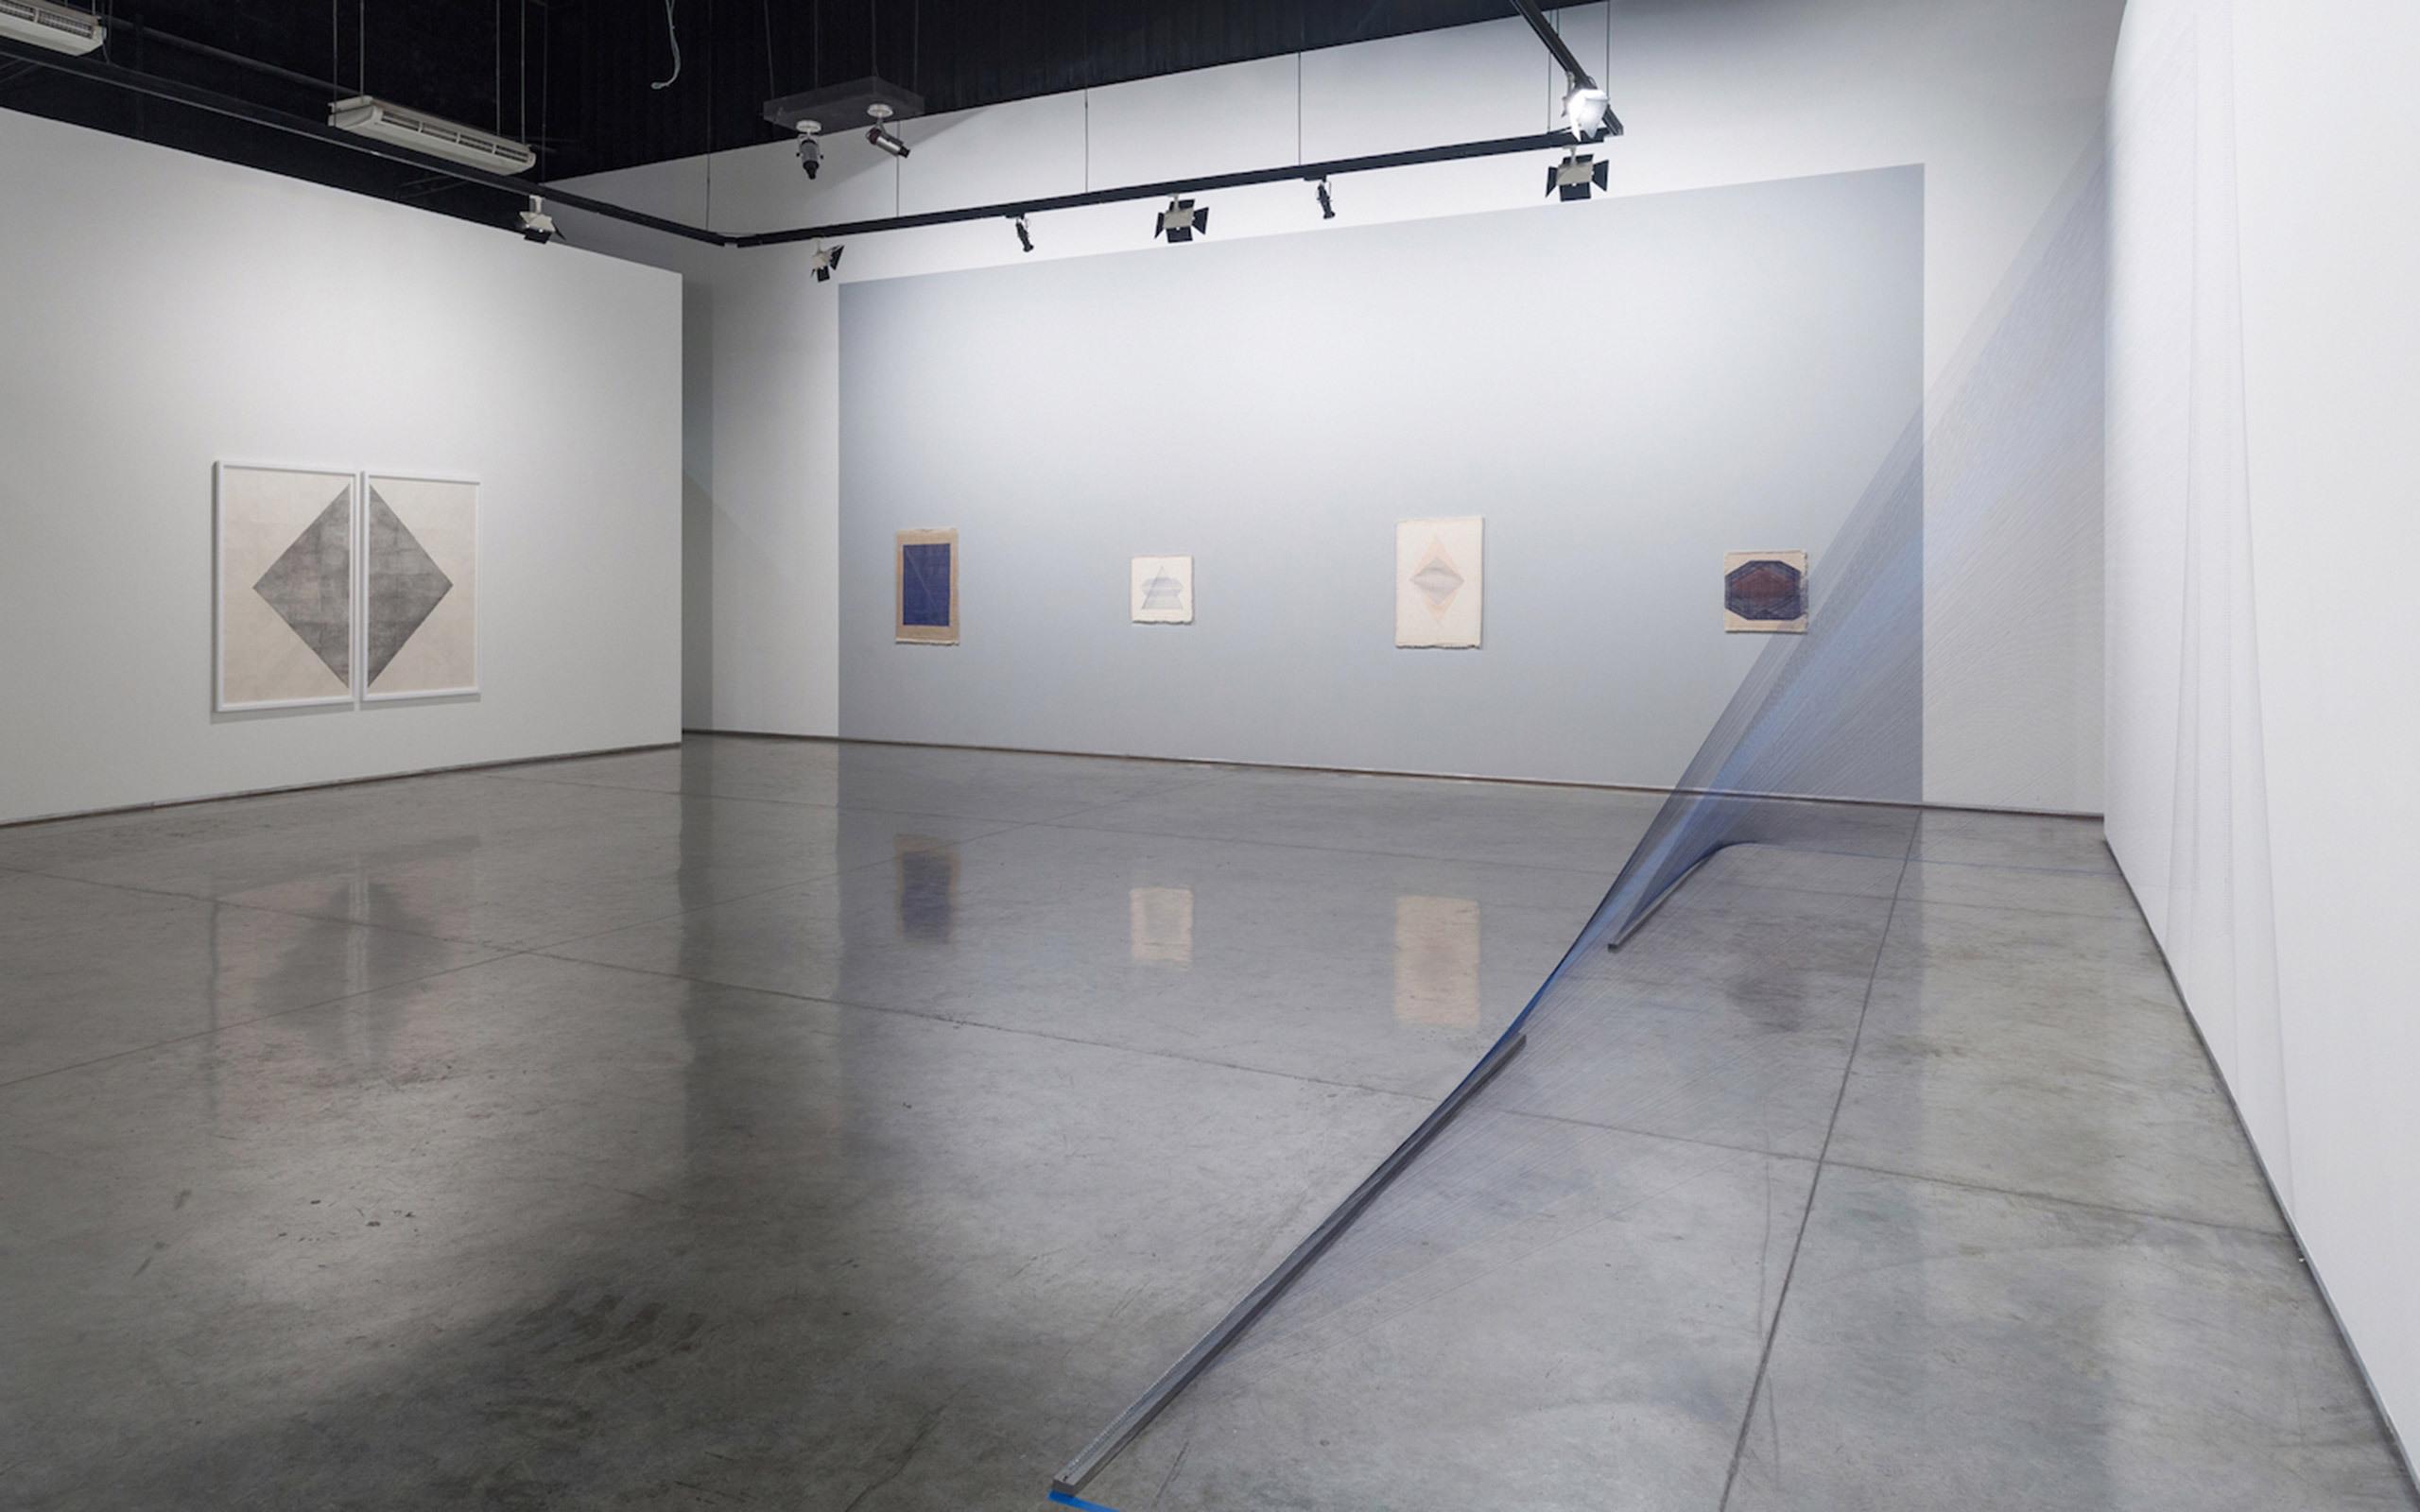 Haleh Redjaian Installationview In Between Spaces 2015 Dubai